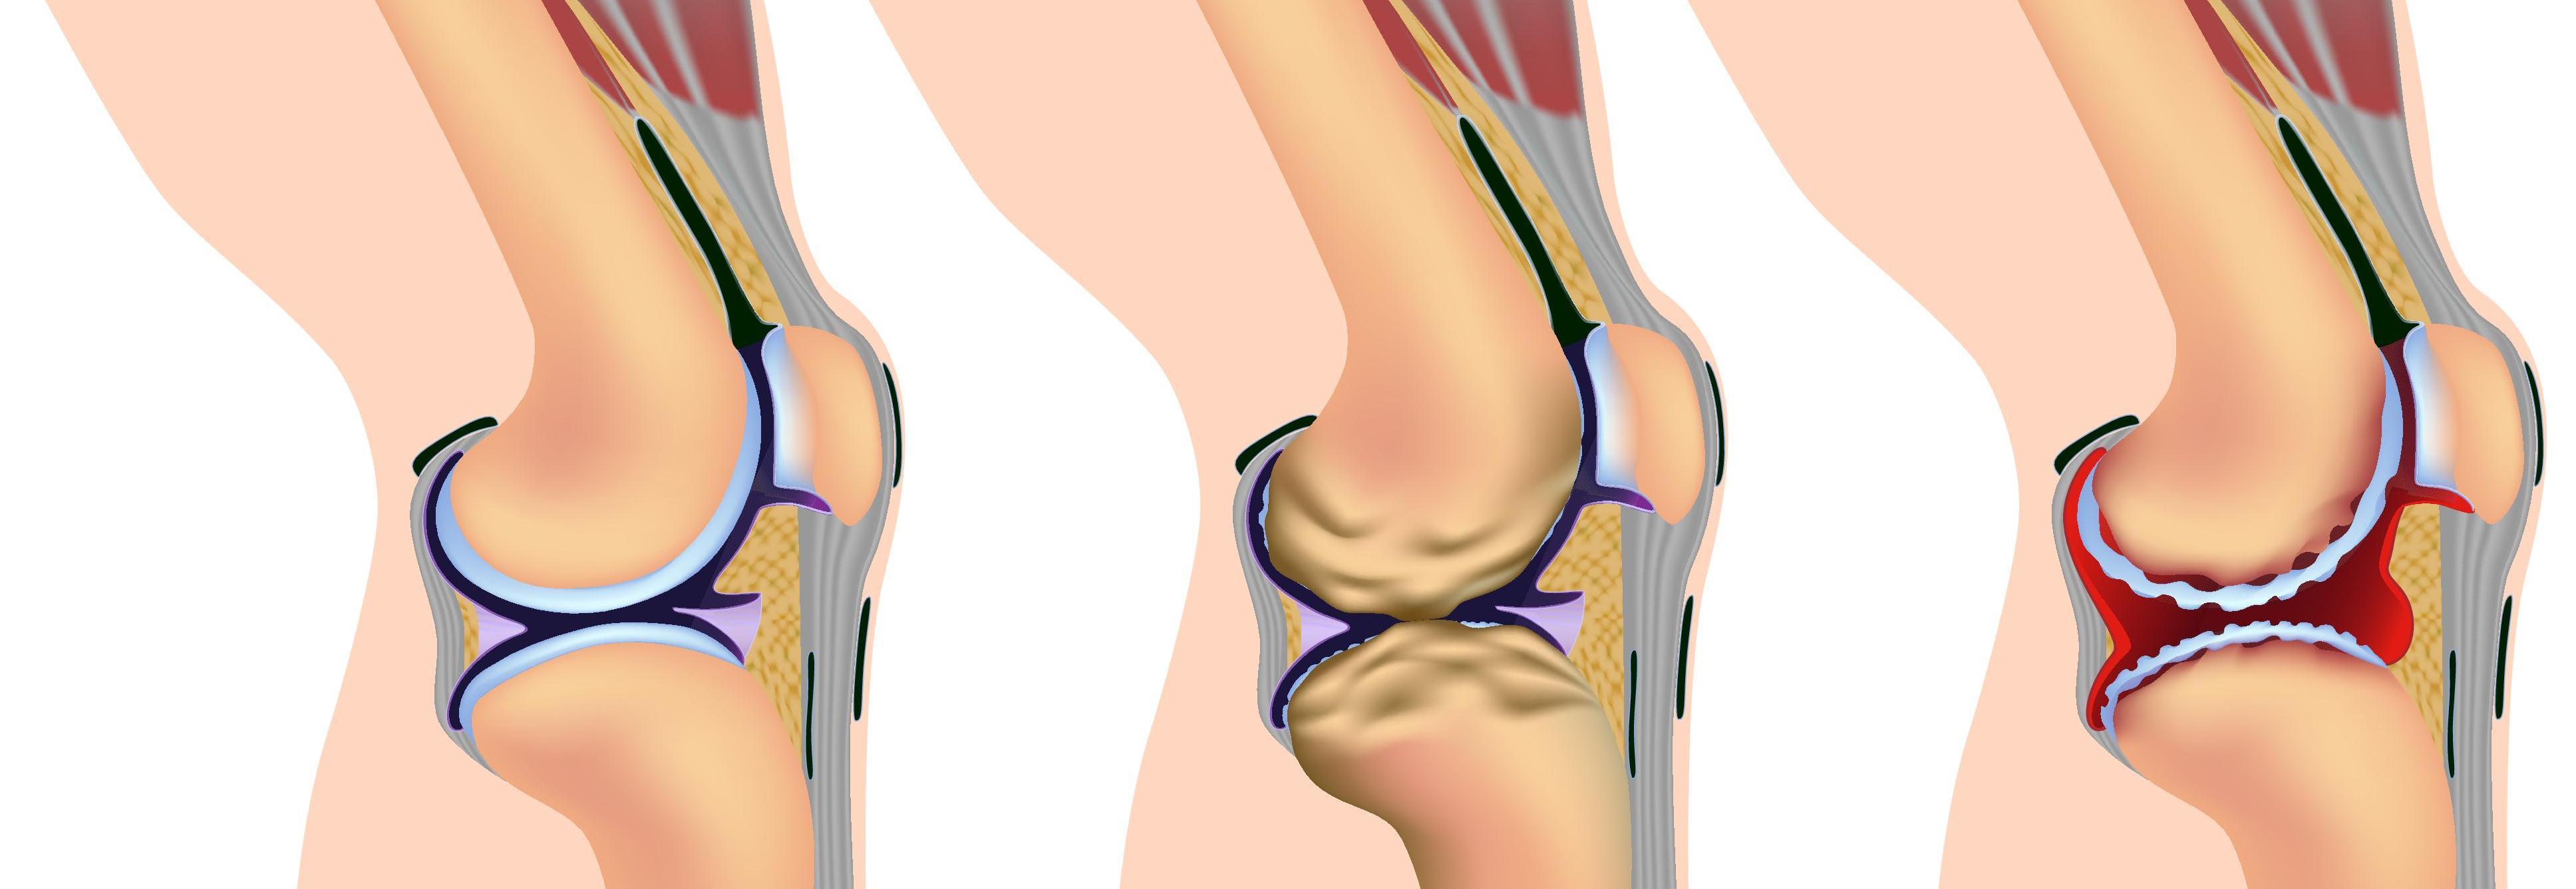 Воспалительный процесс в коленном суставе